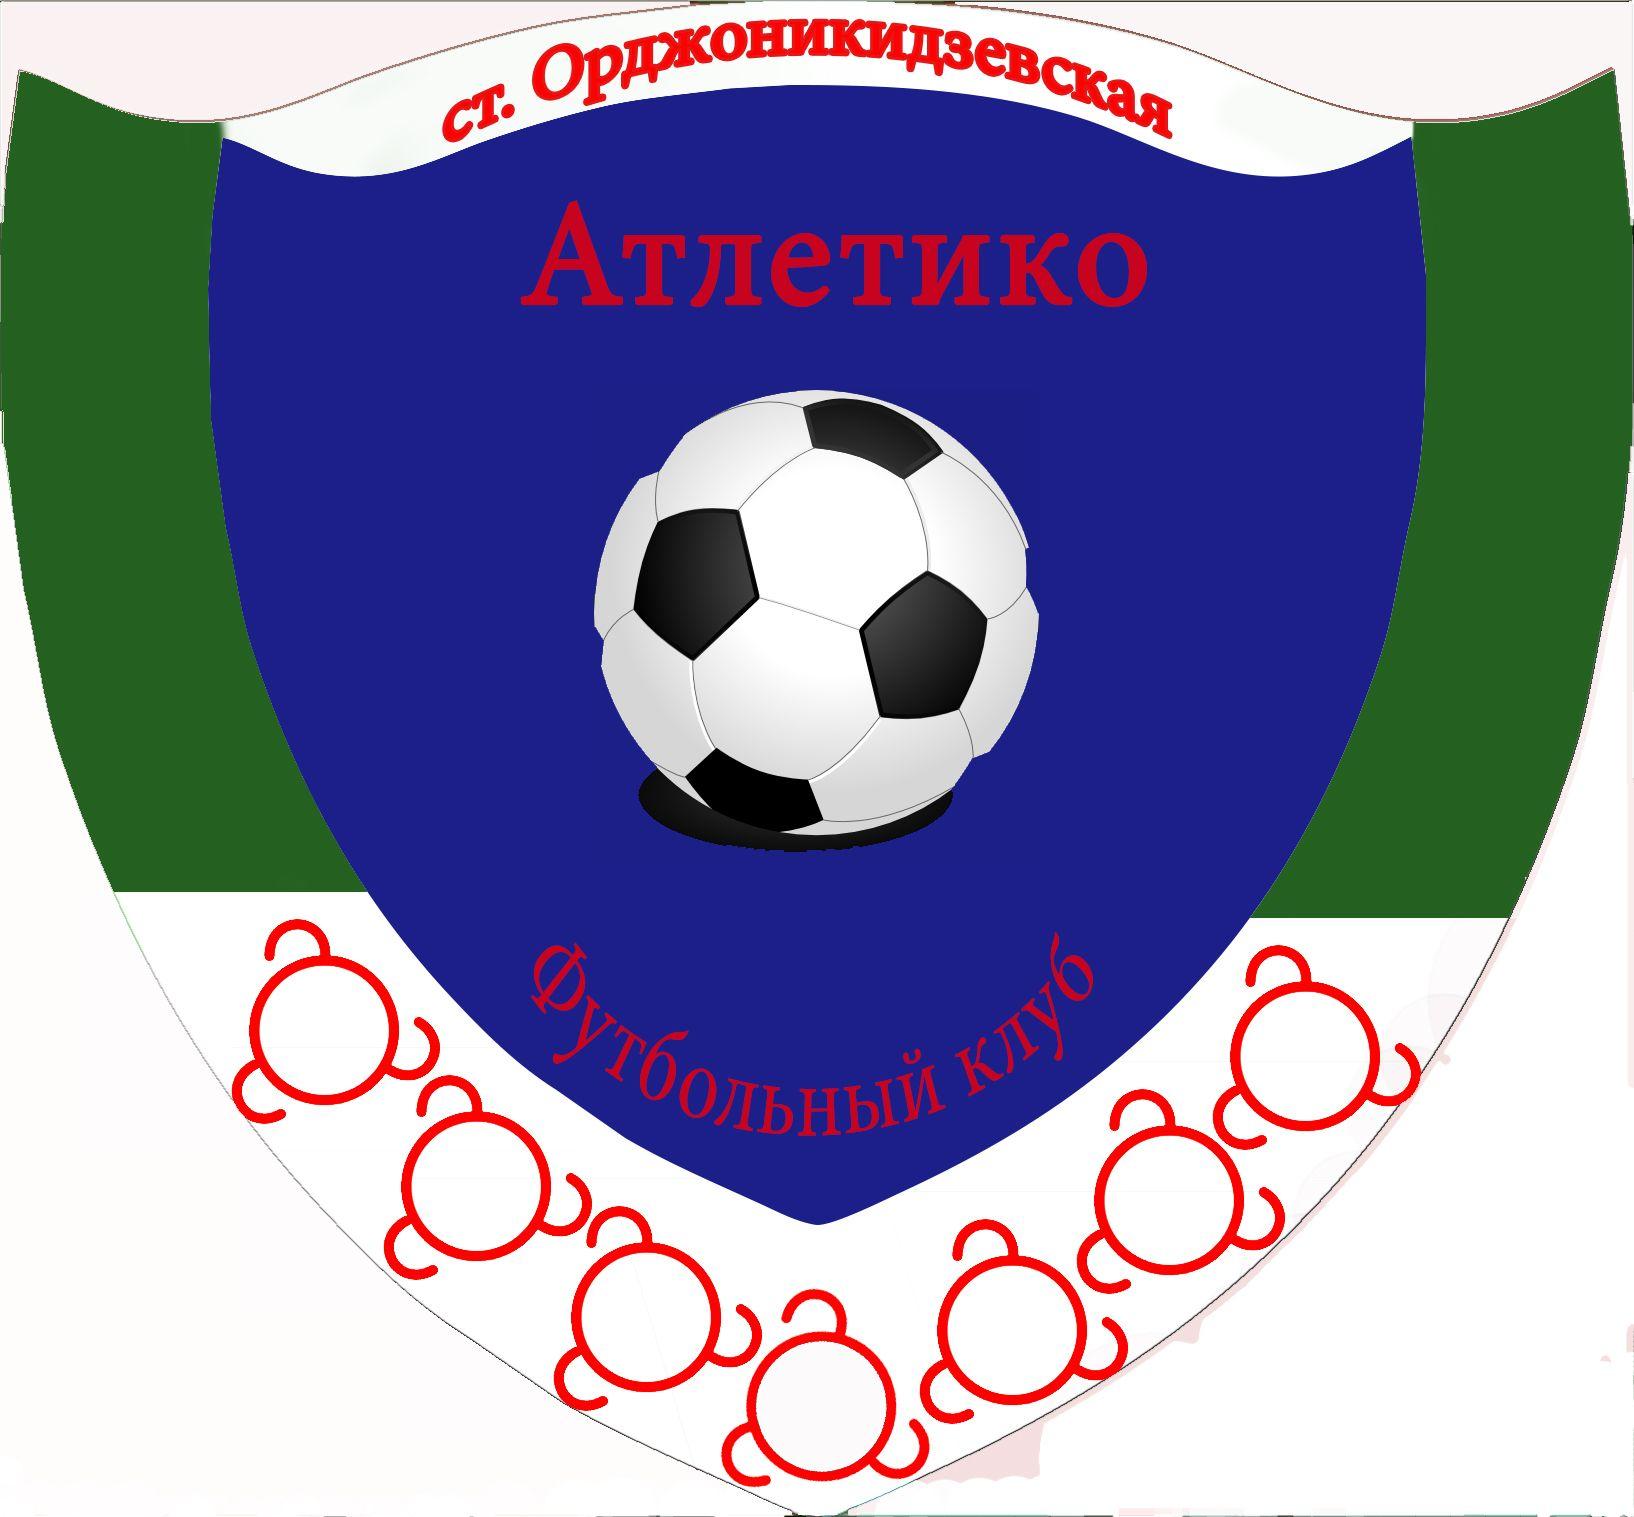 Логотип для Футбольного клуба  - дизайнер Antonska